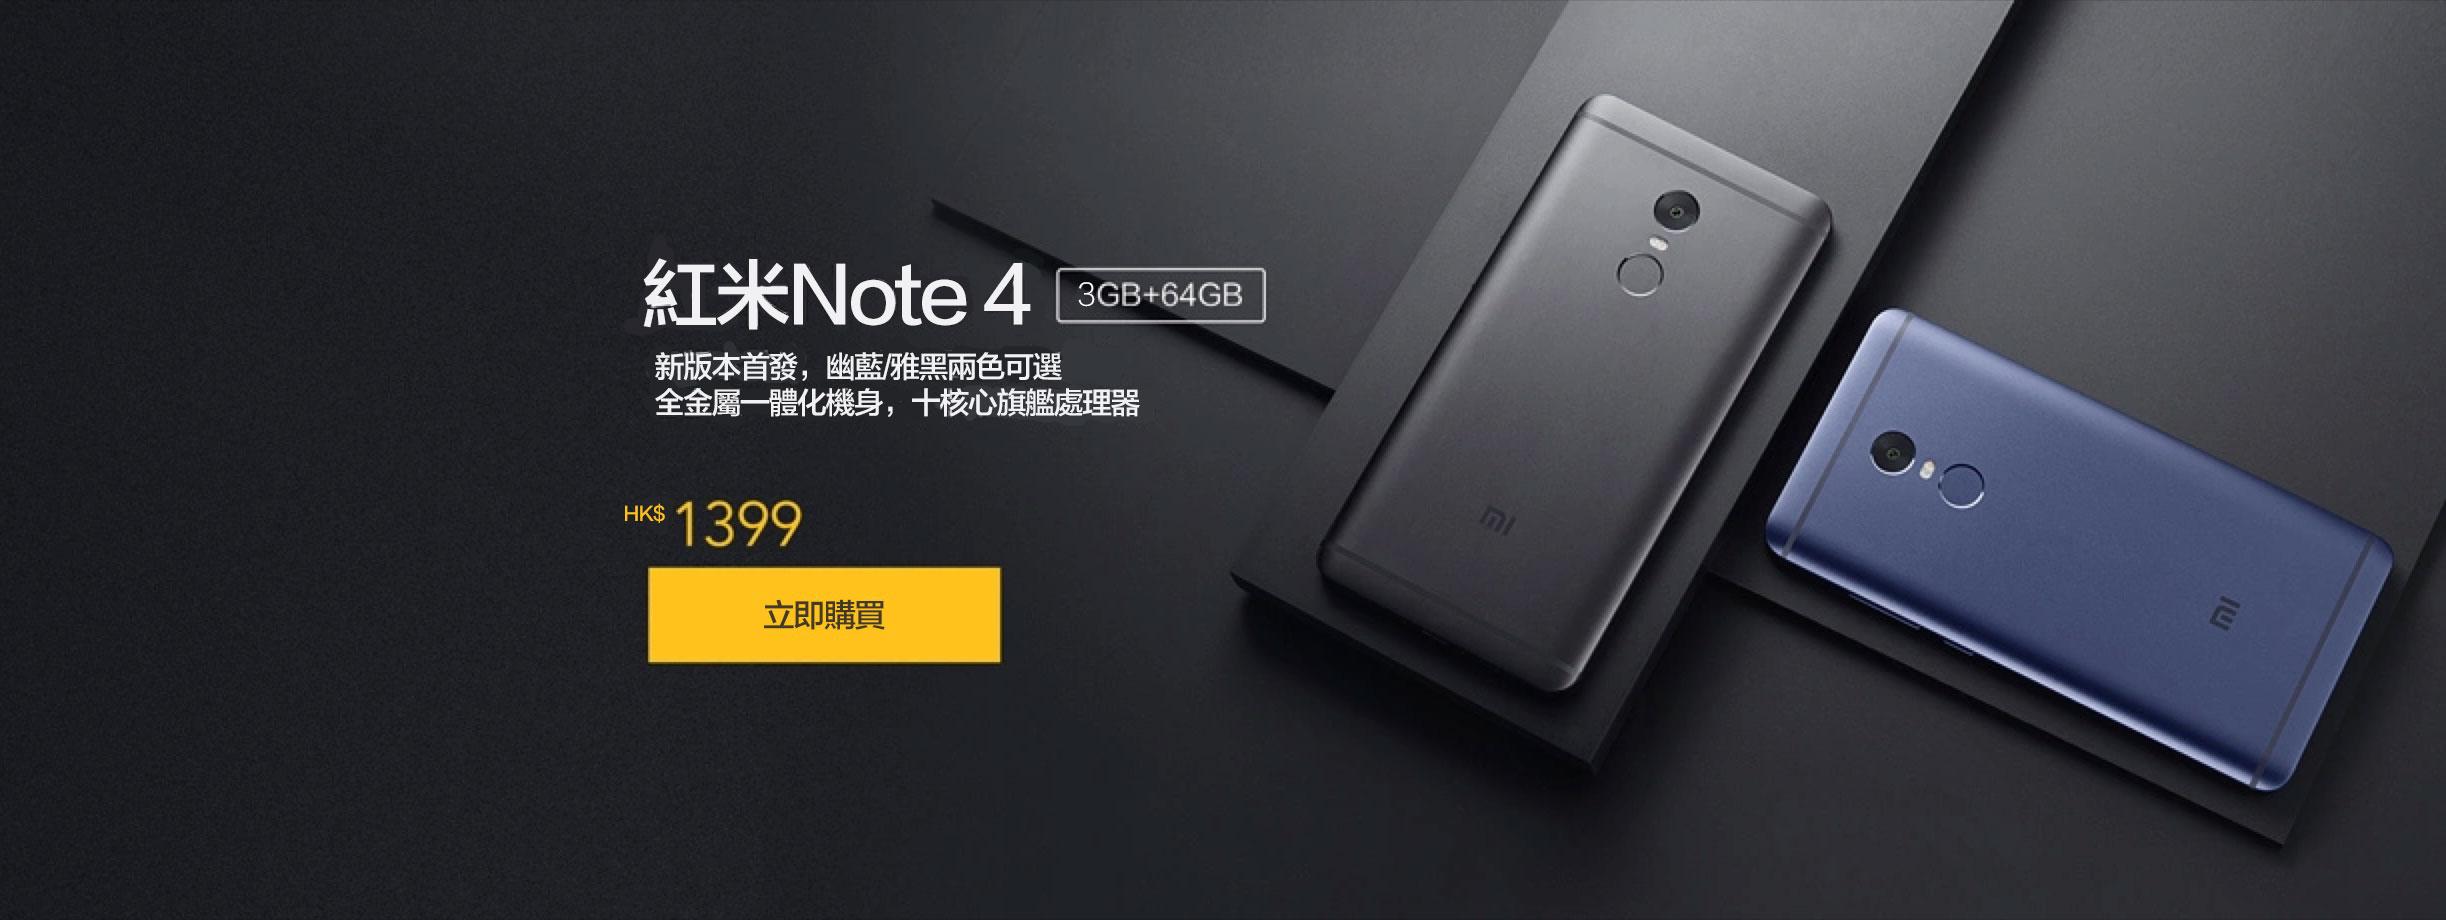 note4新色